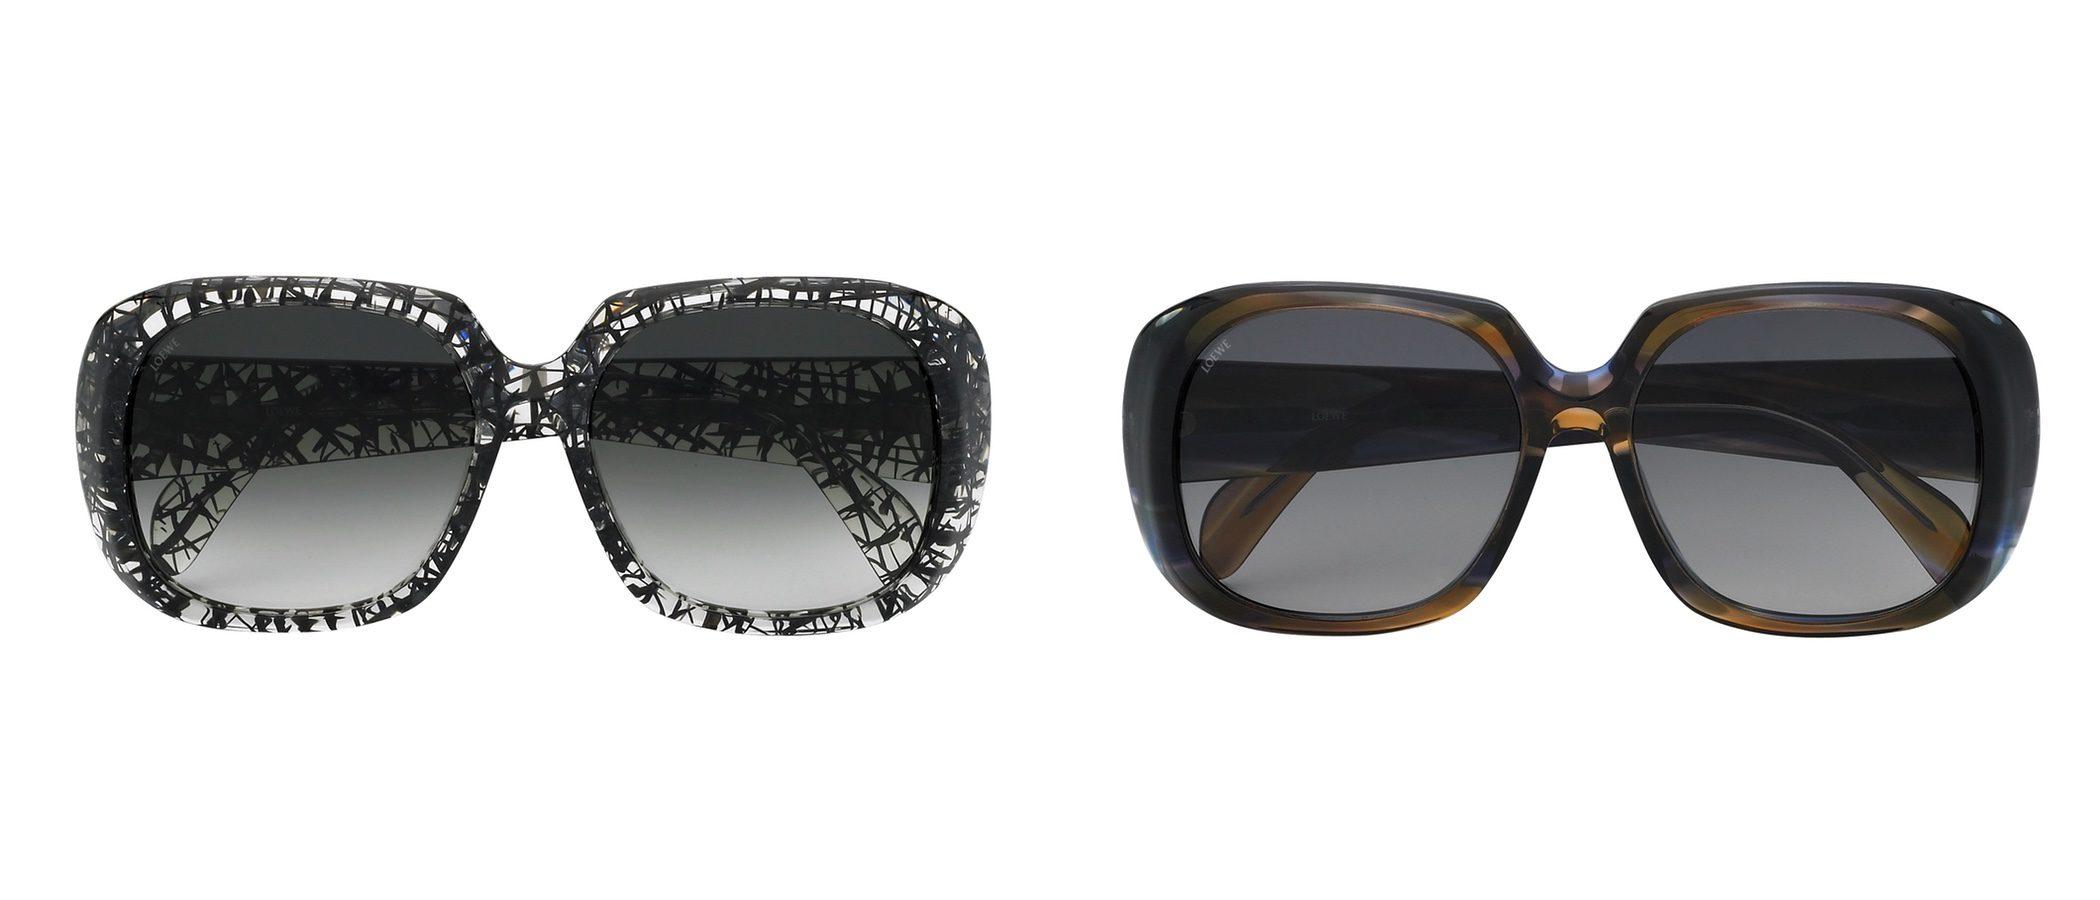 Loewe presenta su nueva colección de gafas sofisticadas 'Aiguablava' para 2017